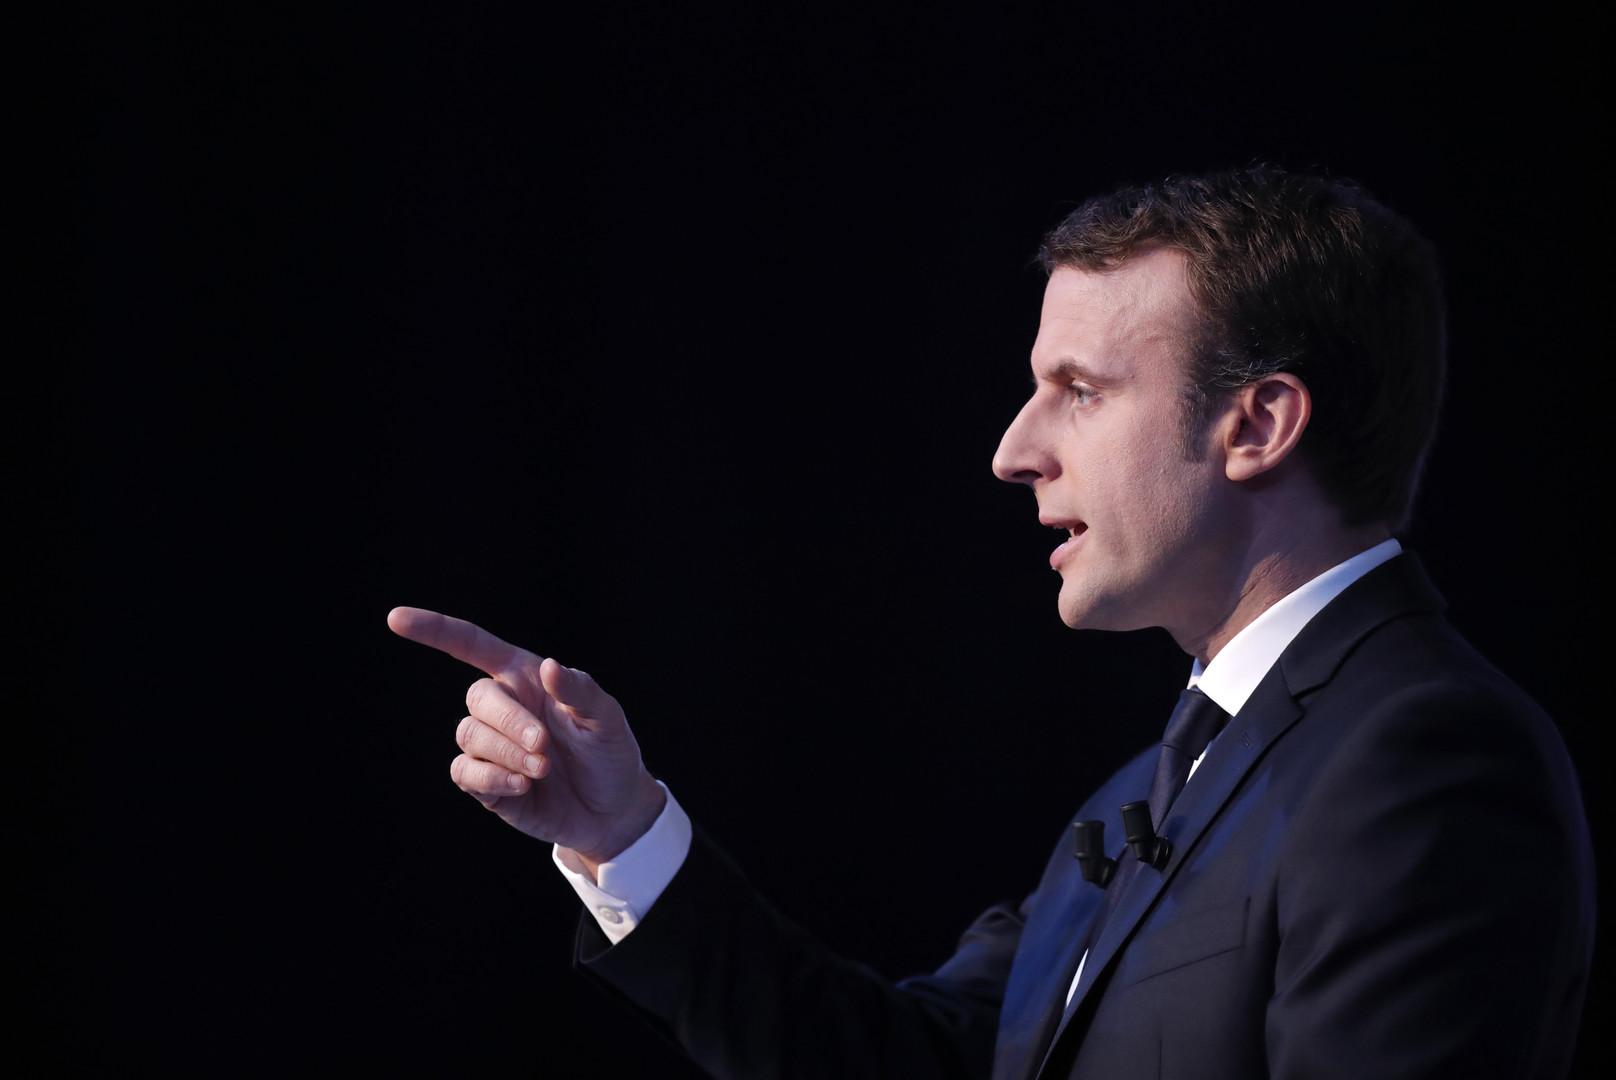 «Избирательная кампания на вранье»: RT ответил на новые обвинения со стороны штаба Макрона